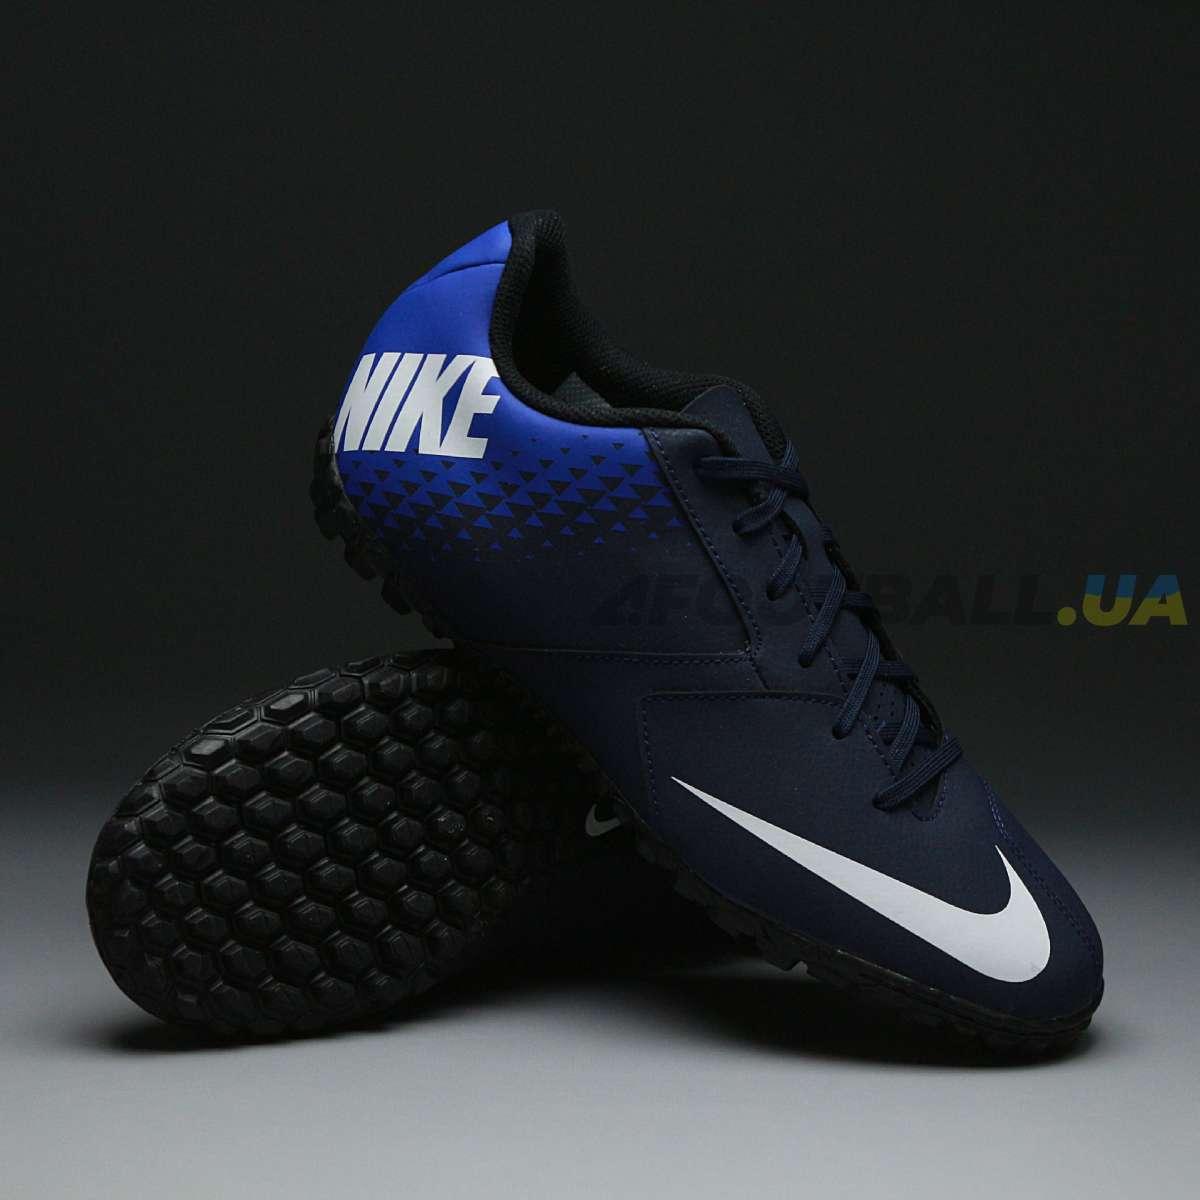 2ef799b6a34f 🥇 Сороконожки футбольные — купить сороконожки для футбола   Цена ...